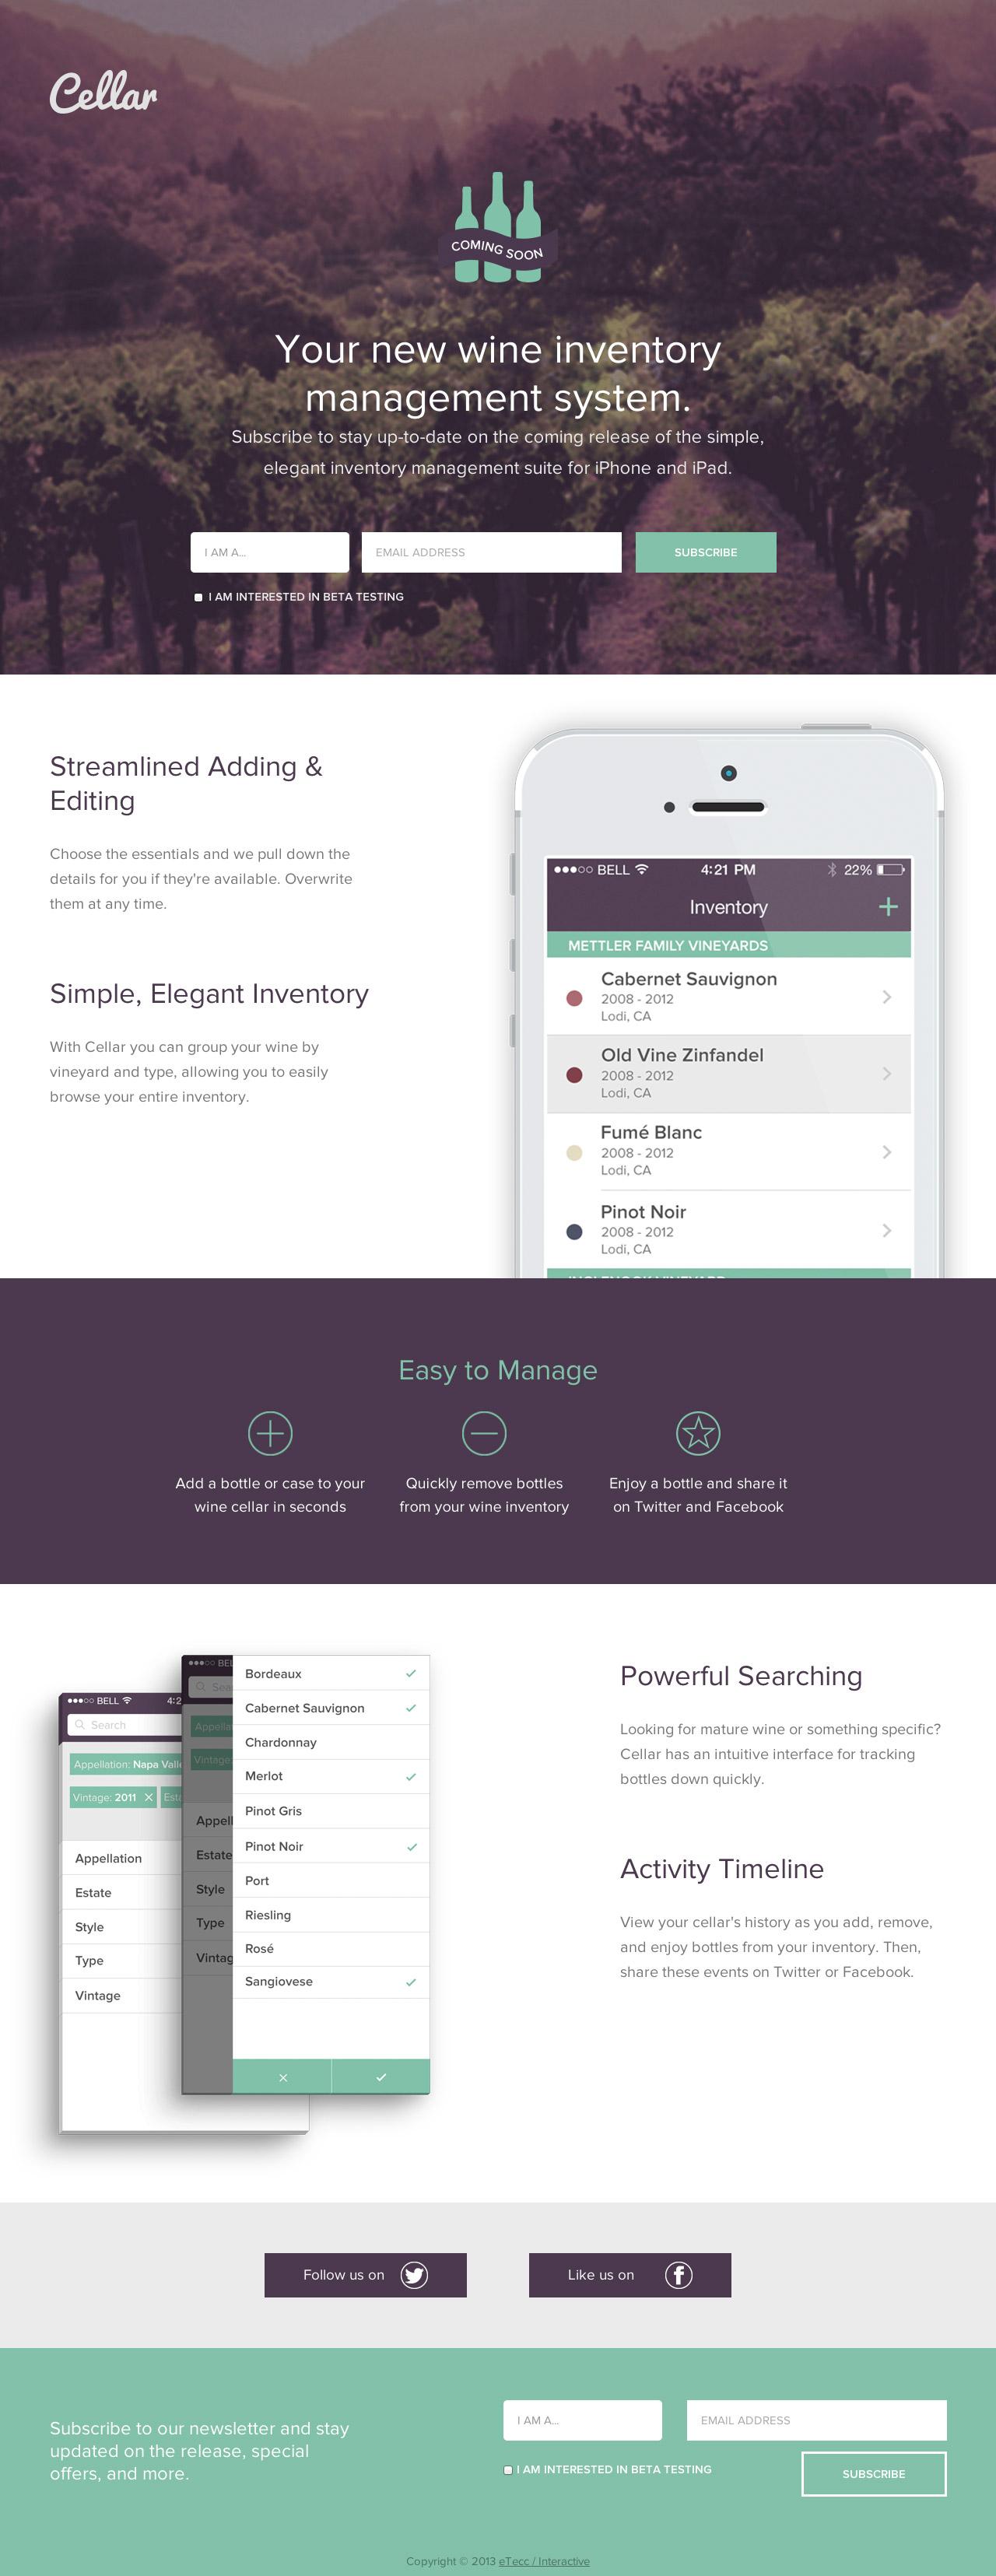 Cellar App Website Screenshot